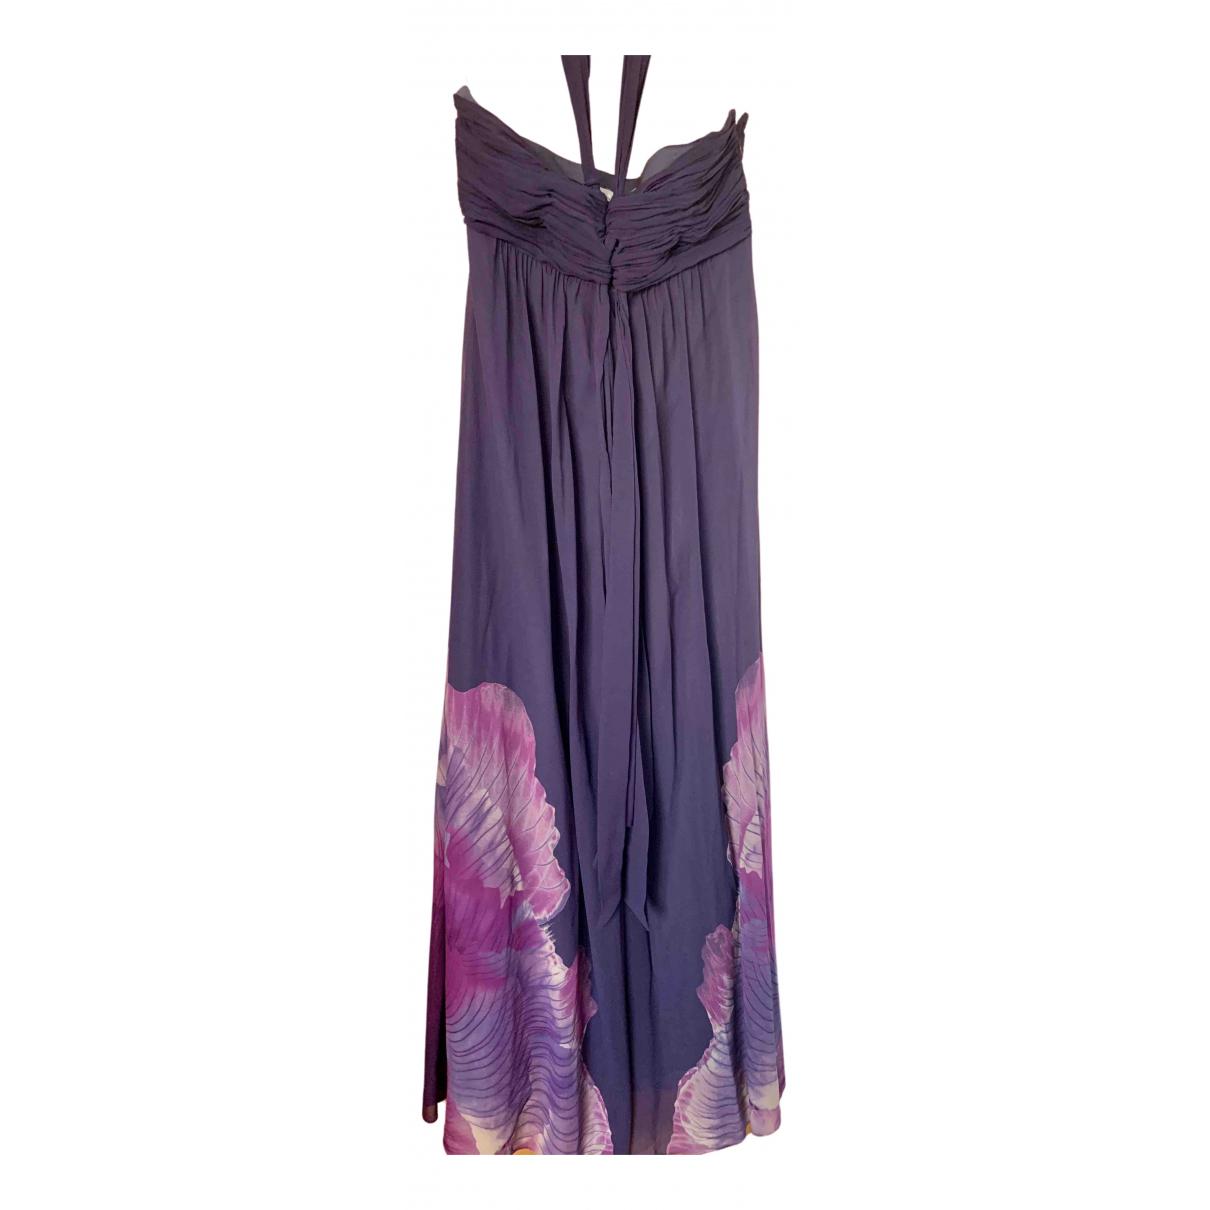 Karen Millen \N Kleid in  Lila Seide